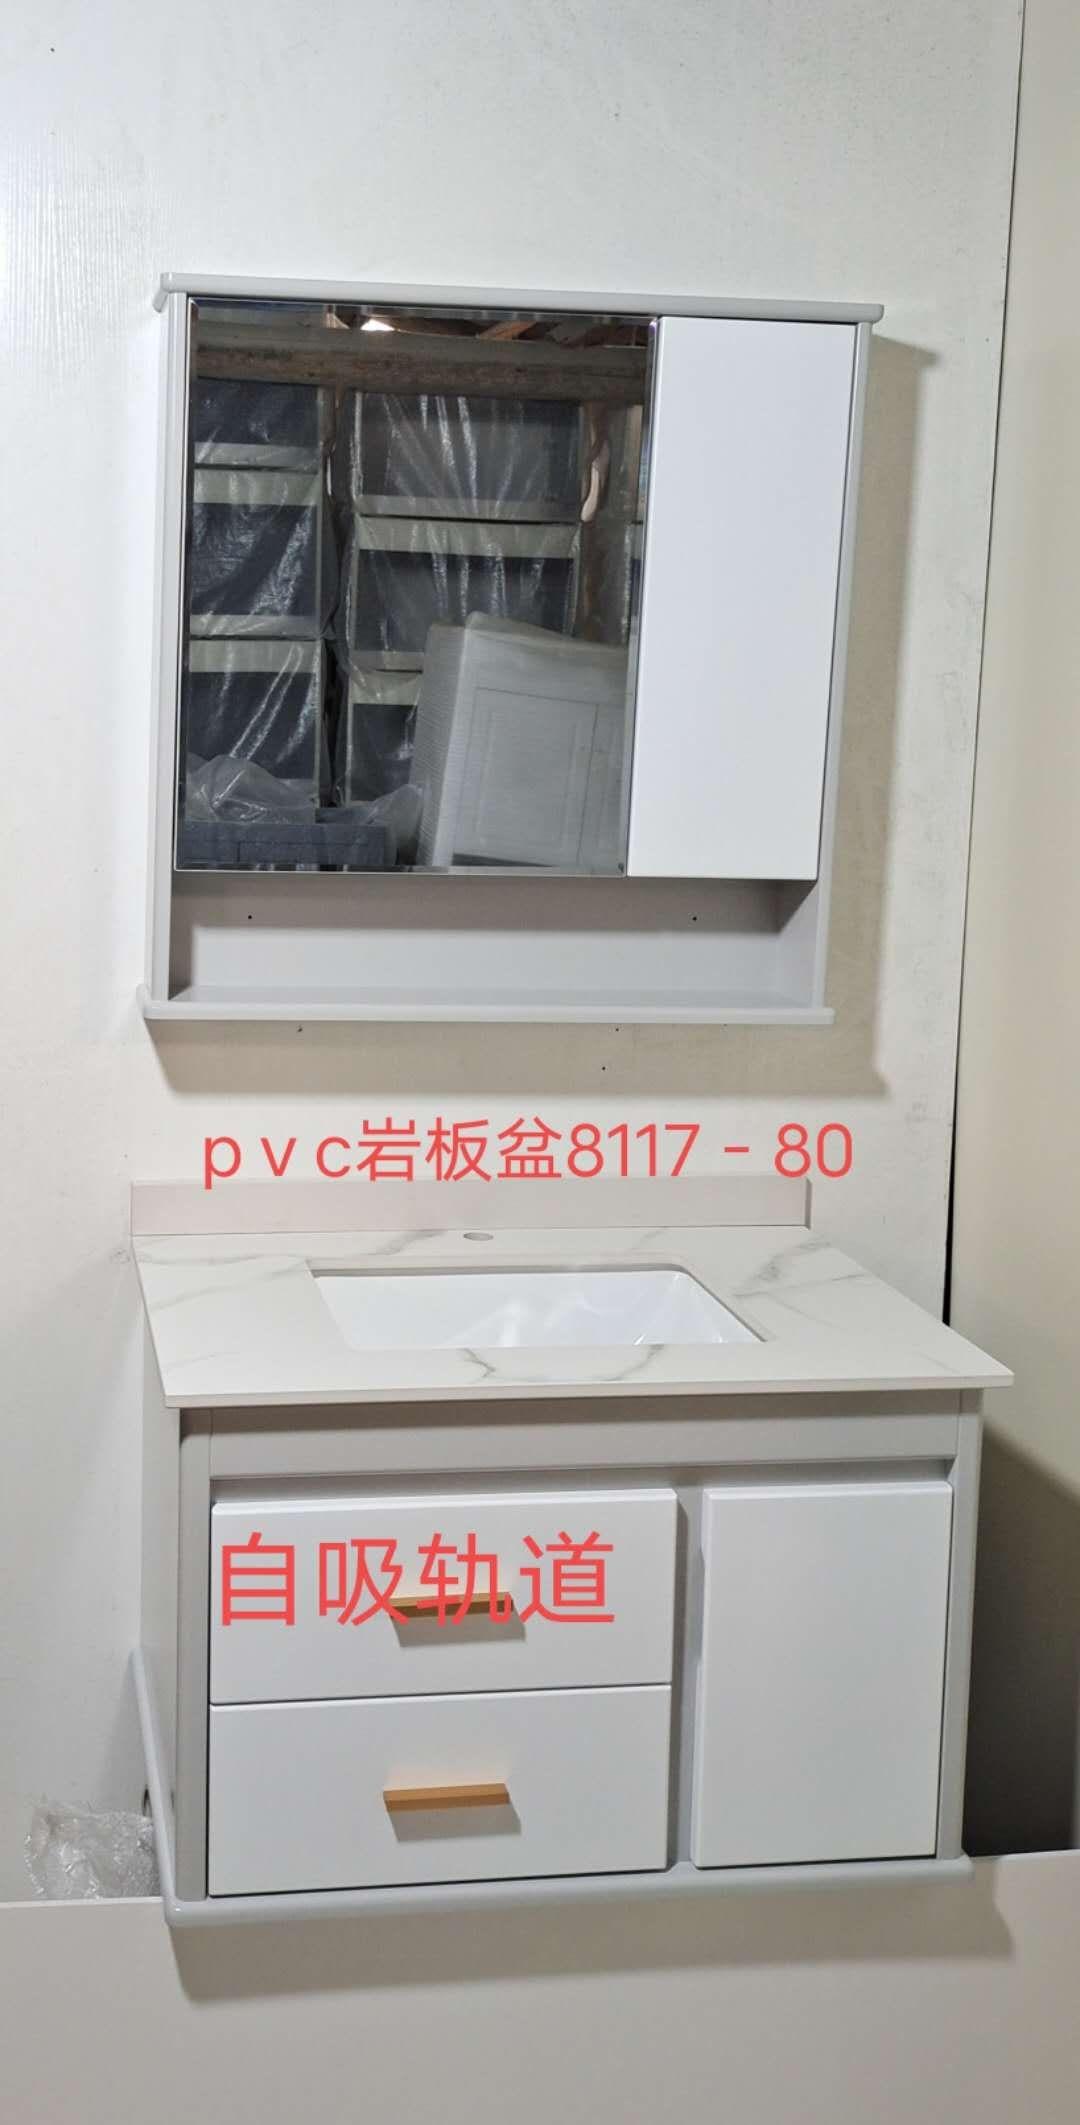 pvC8117-80陶瓷盆